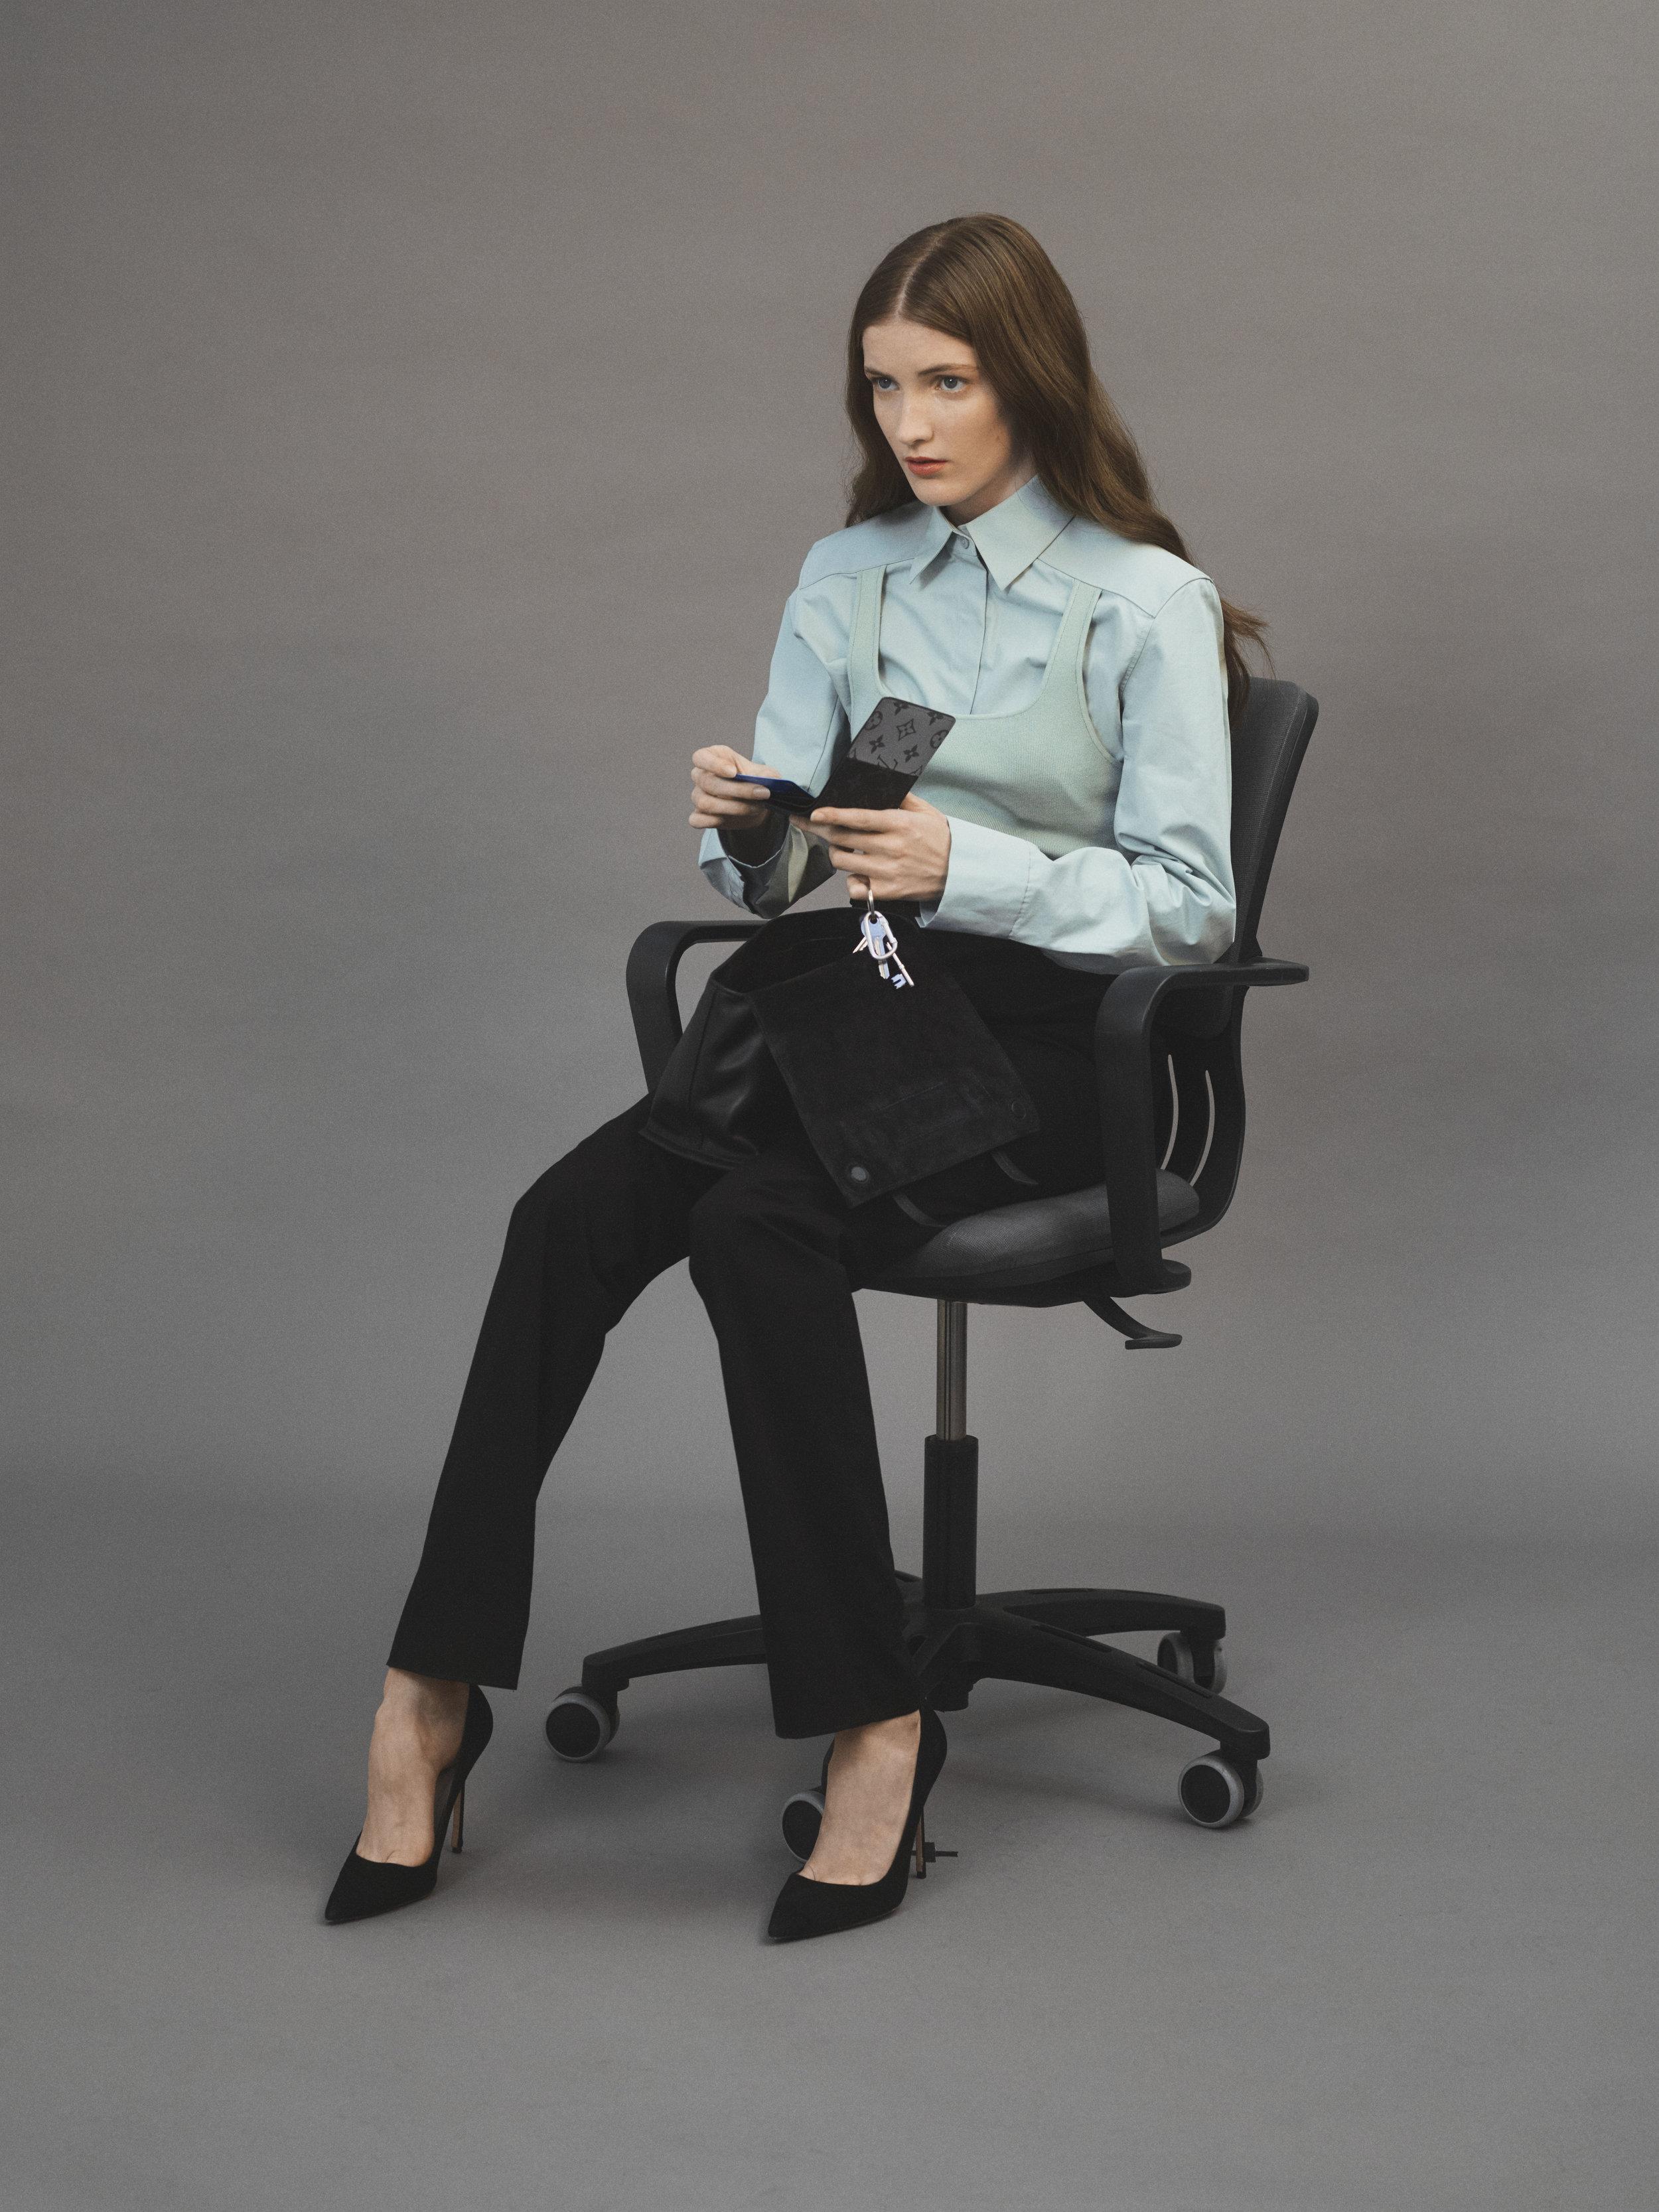 Camisa de  COS , pantalón y cinturón de  HERMÈS , bolso de  MIU MIU y salones de  MANOLO BLAHNIK .